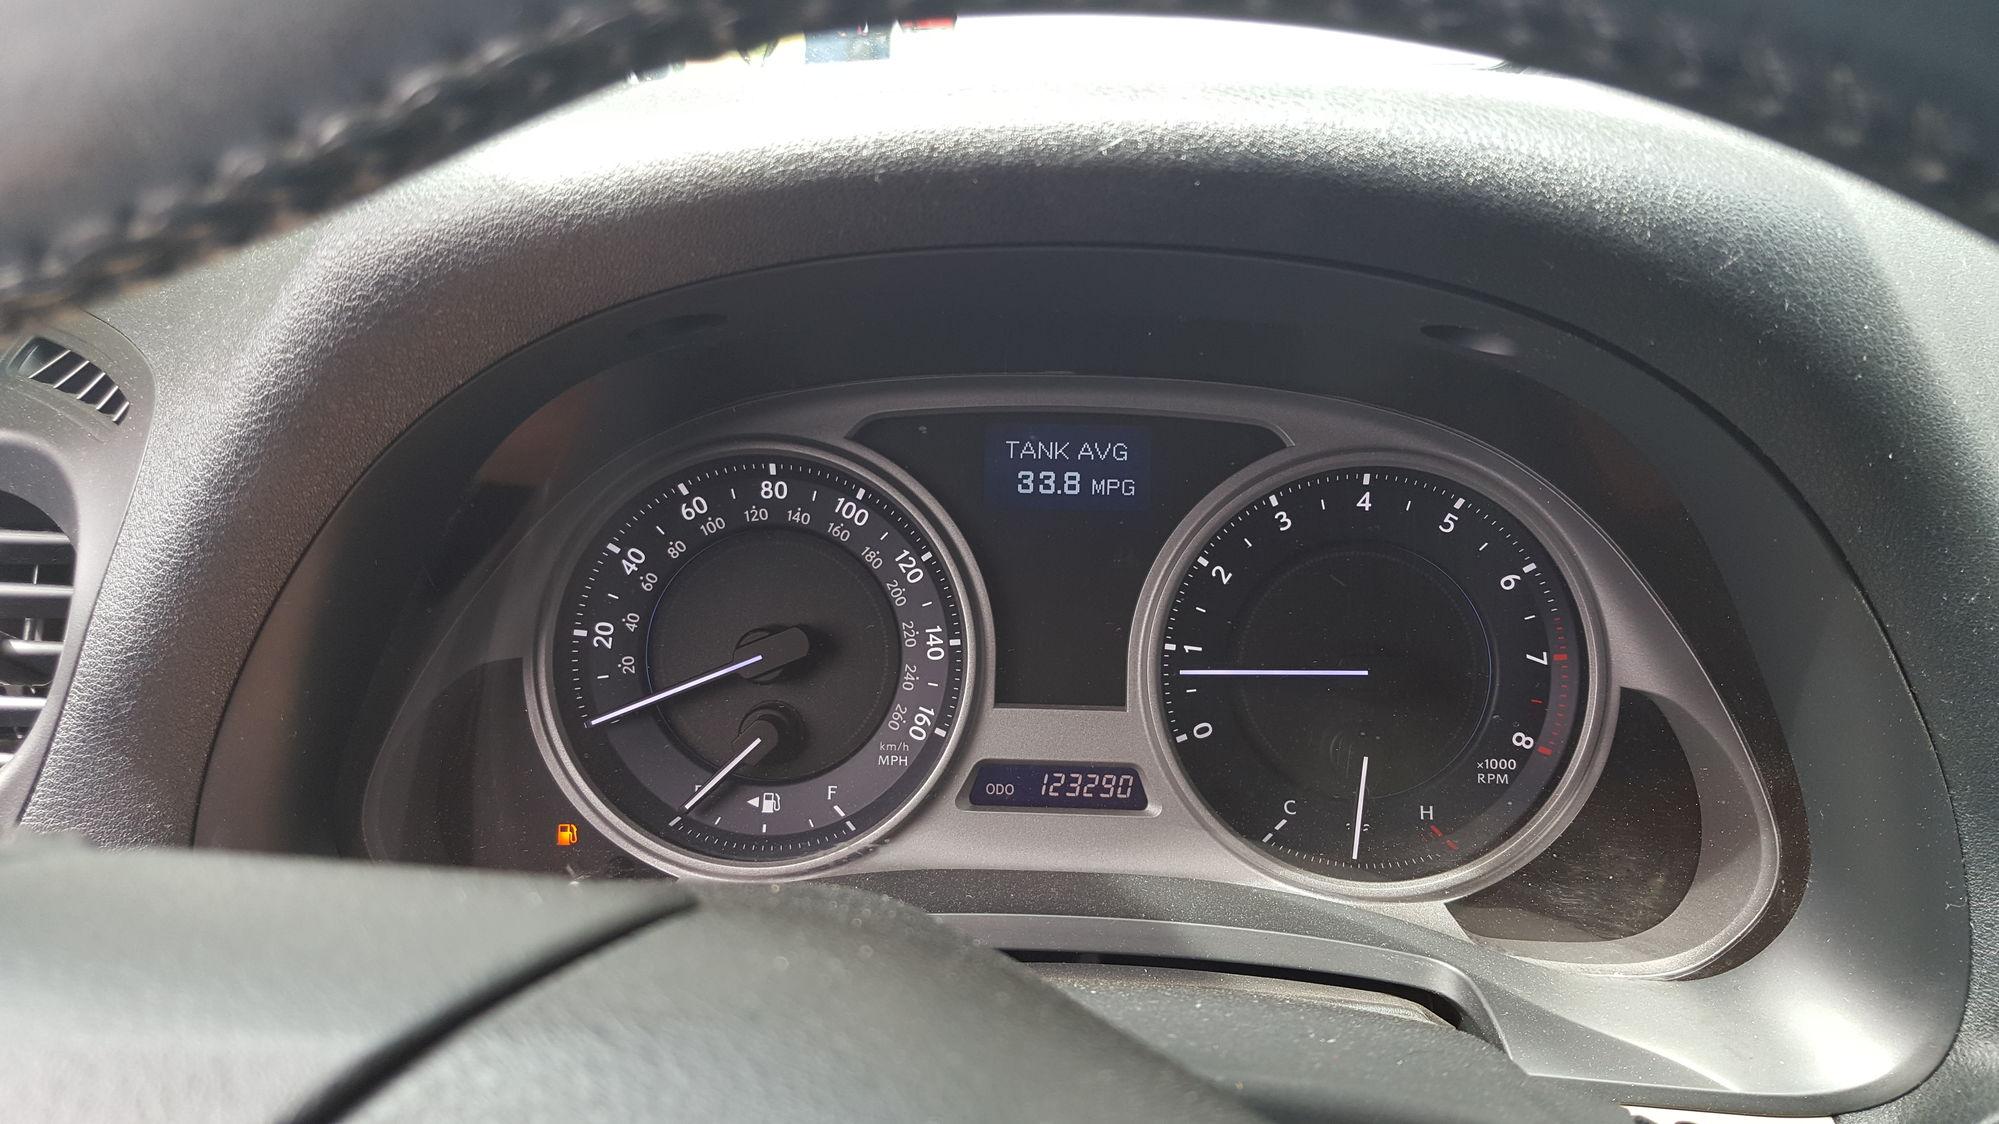 Hypermiling (IS250 6MT) - ClubLexus - Lexus Forum Discussion